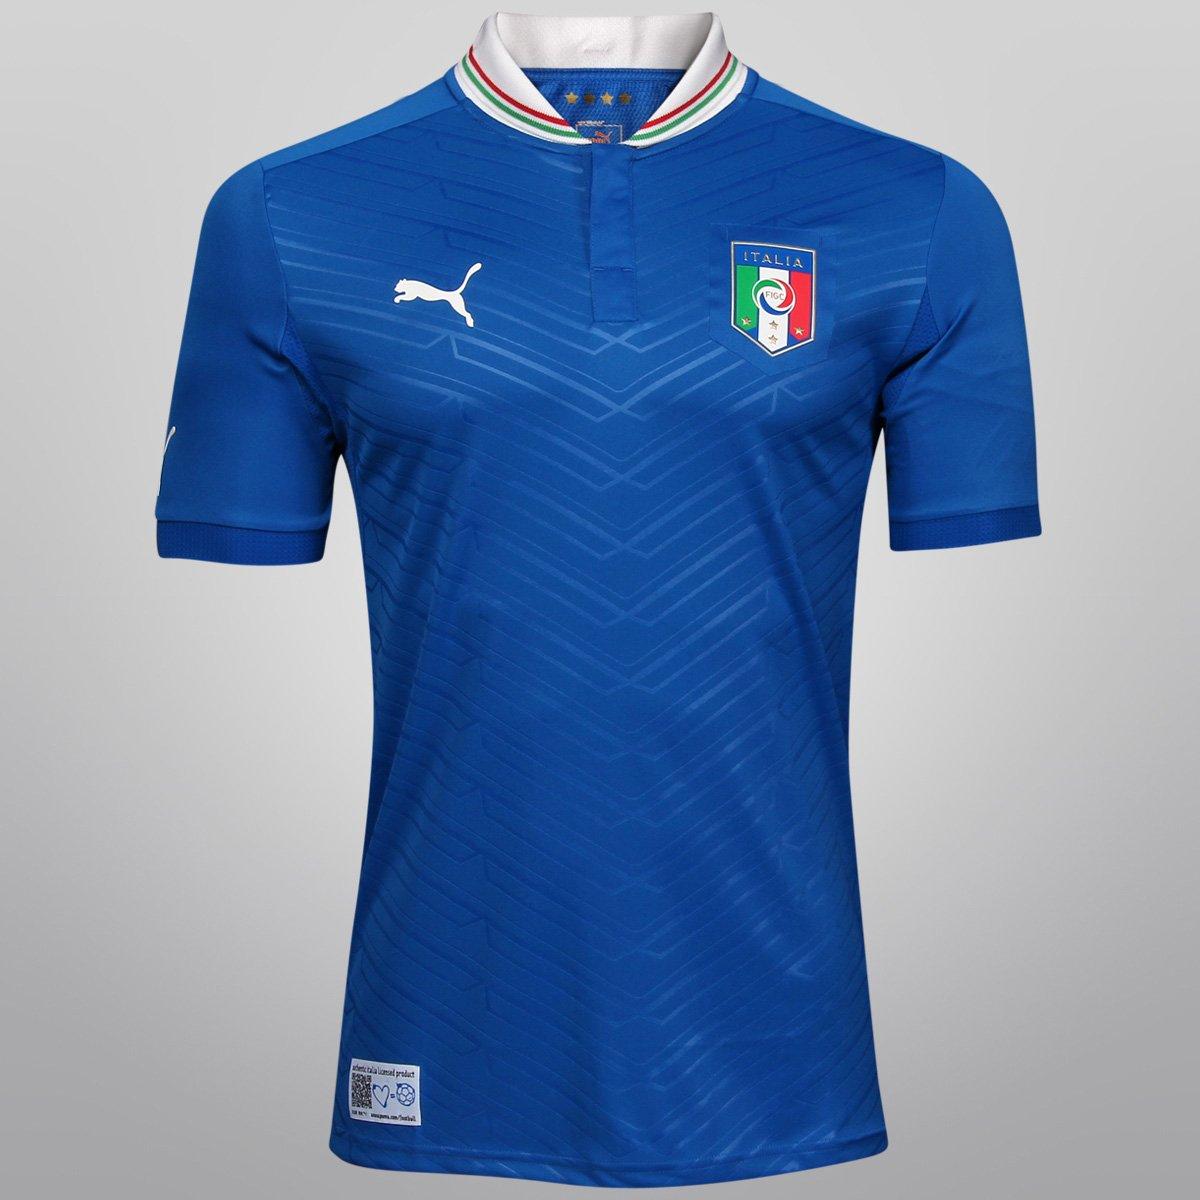 7641656484 Camisa Puma Seleção Itália Home 12 13 s nº - Compre Agora